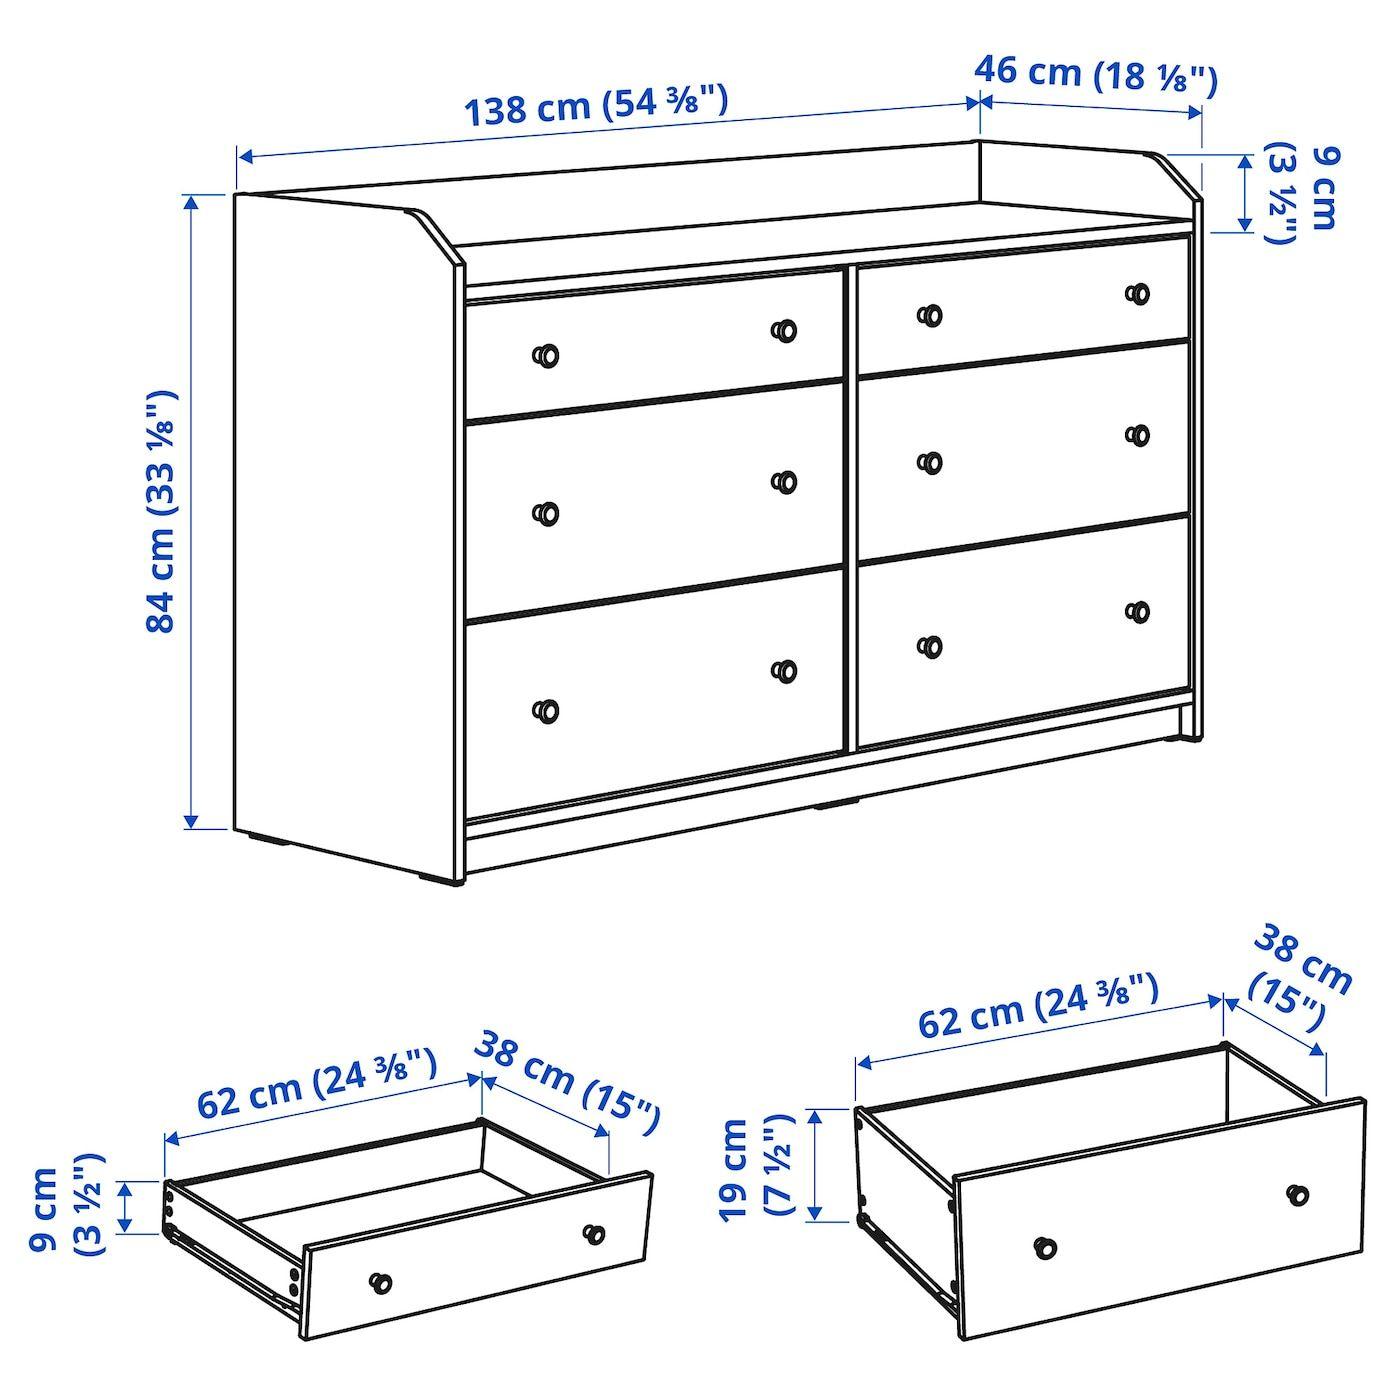 Hauga 6 Drawer Dresser Gray 543 8x331 8 Ikea In 2021 Dresser Drawers 6 Drawer Dresser Drawers [ 1400 x 1400 Pixel ]